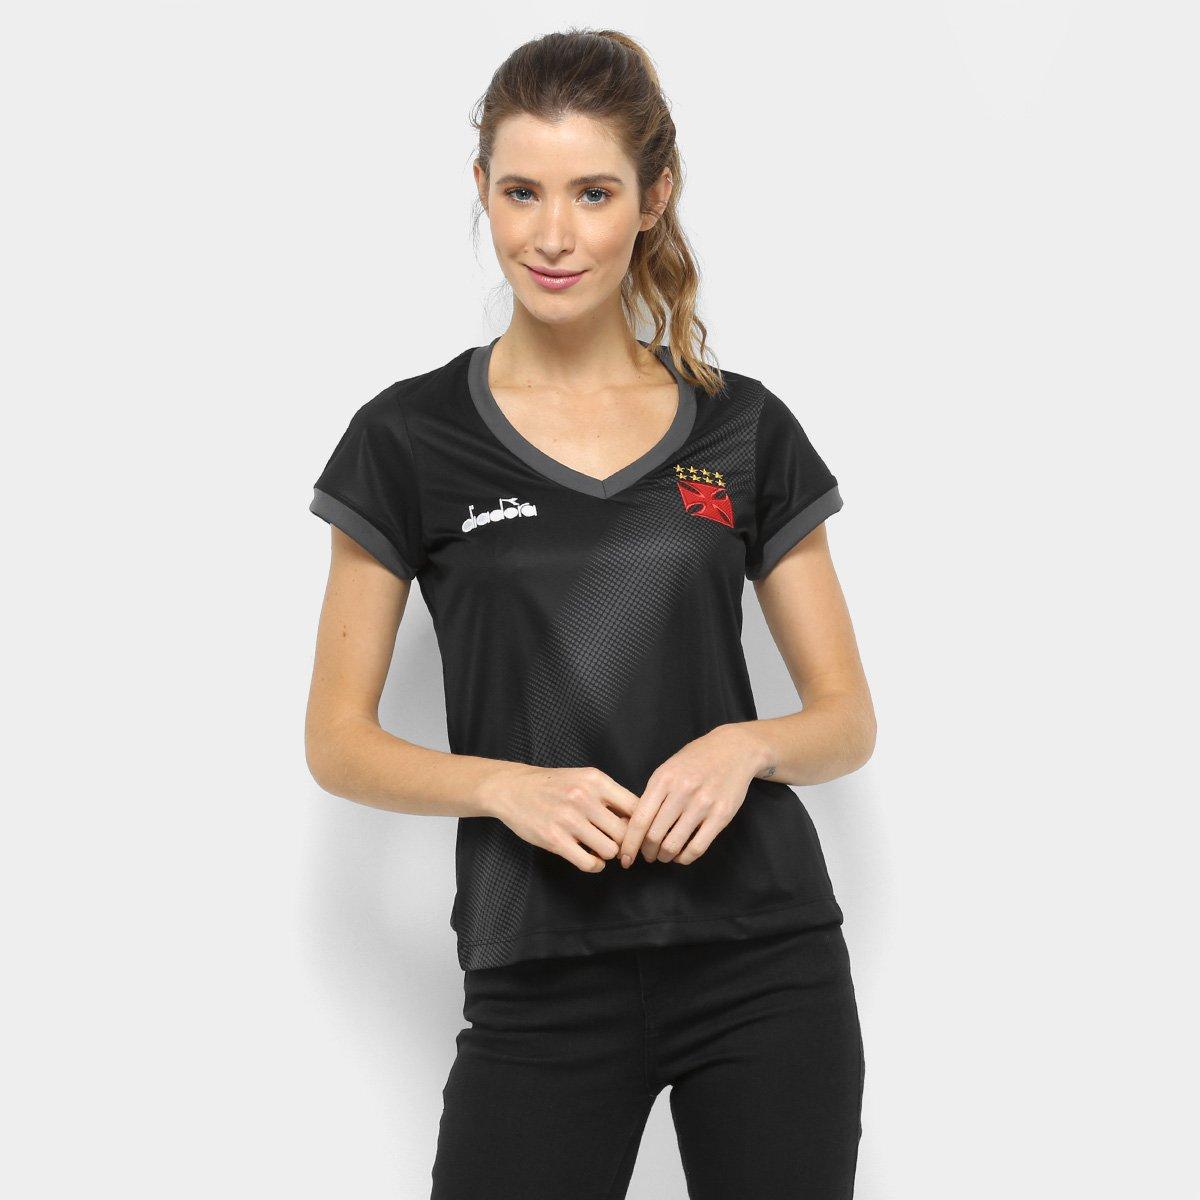 33133af8a9 Camisa Vasco Aquecimento 2018 Diadora Feminina - Compre Agora